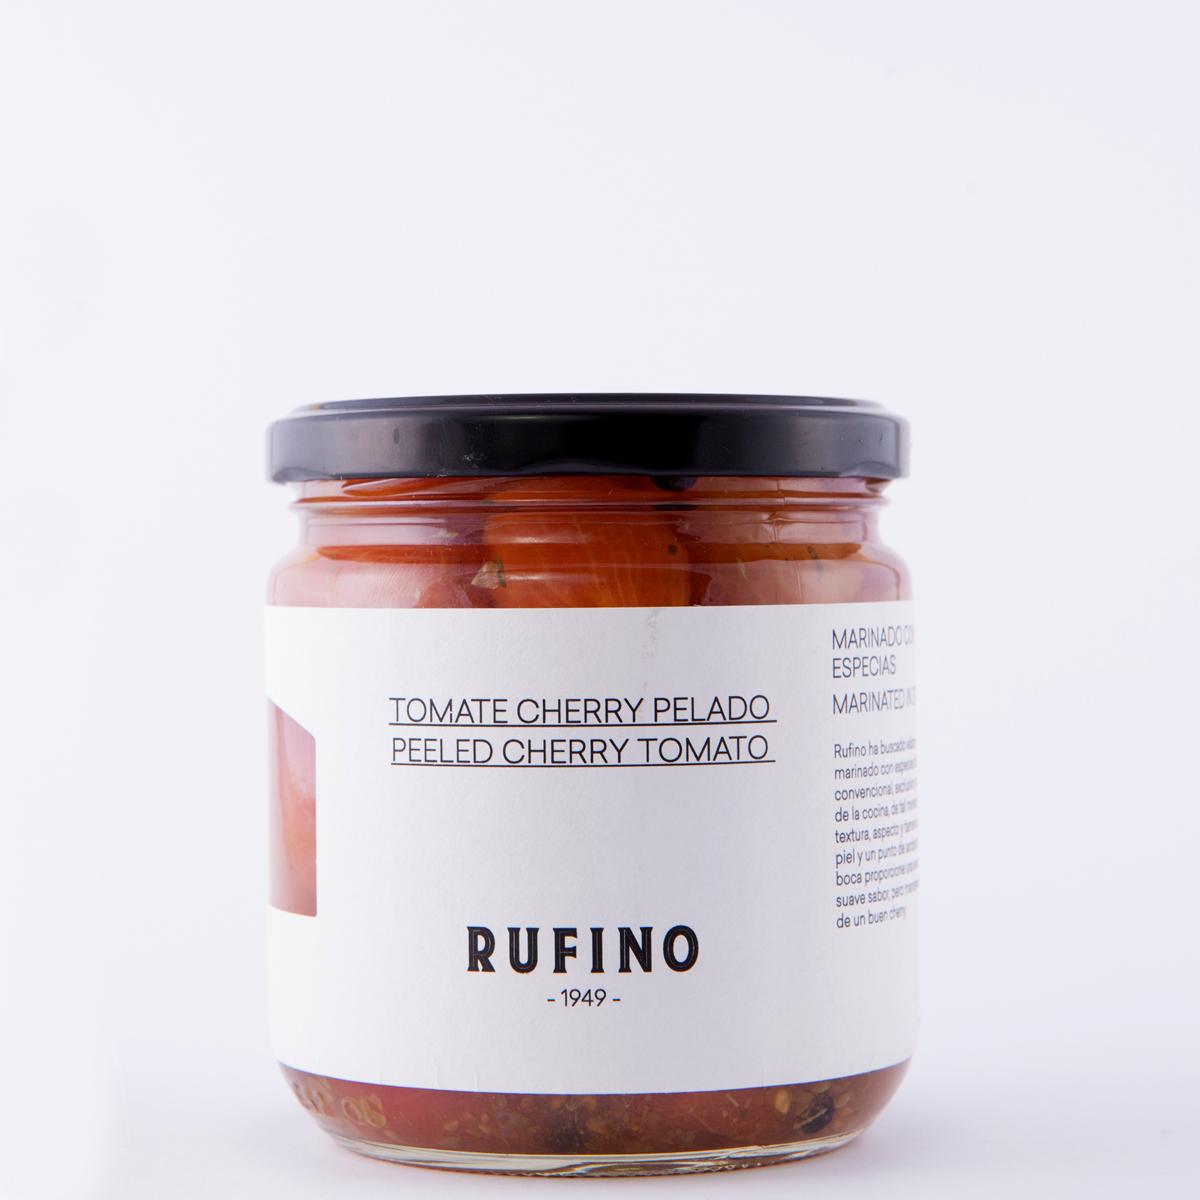 conservas-rufino-tomate-cherry-pelado